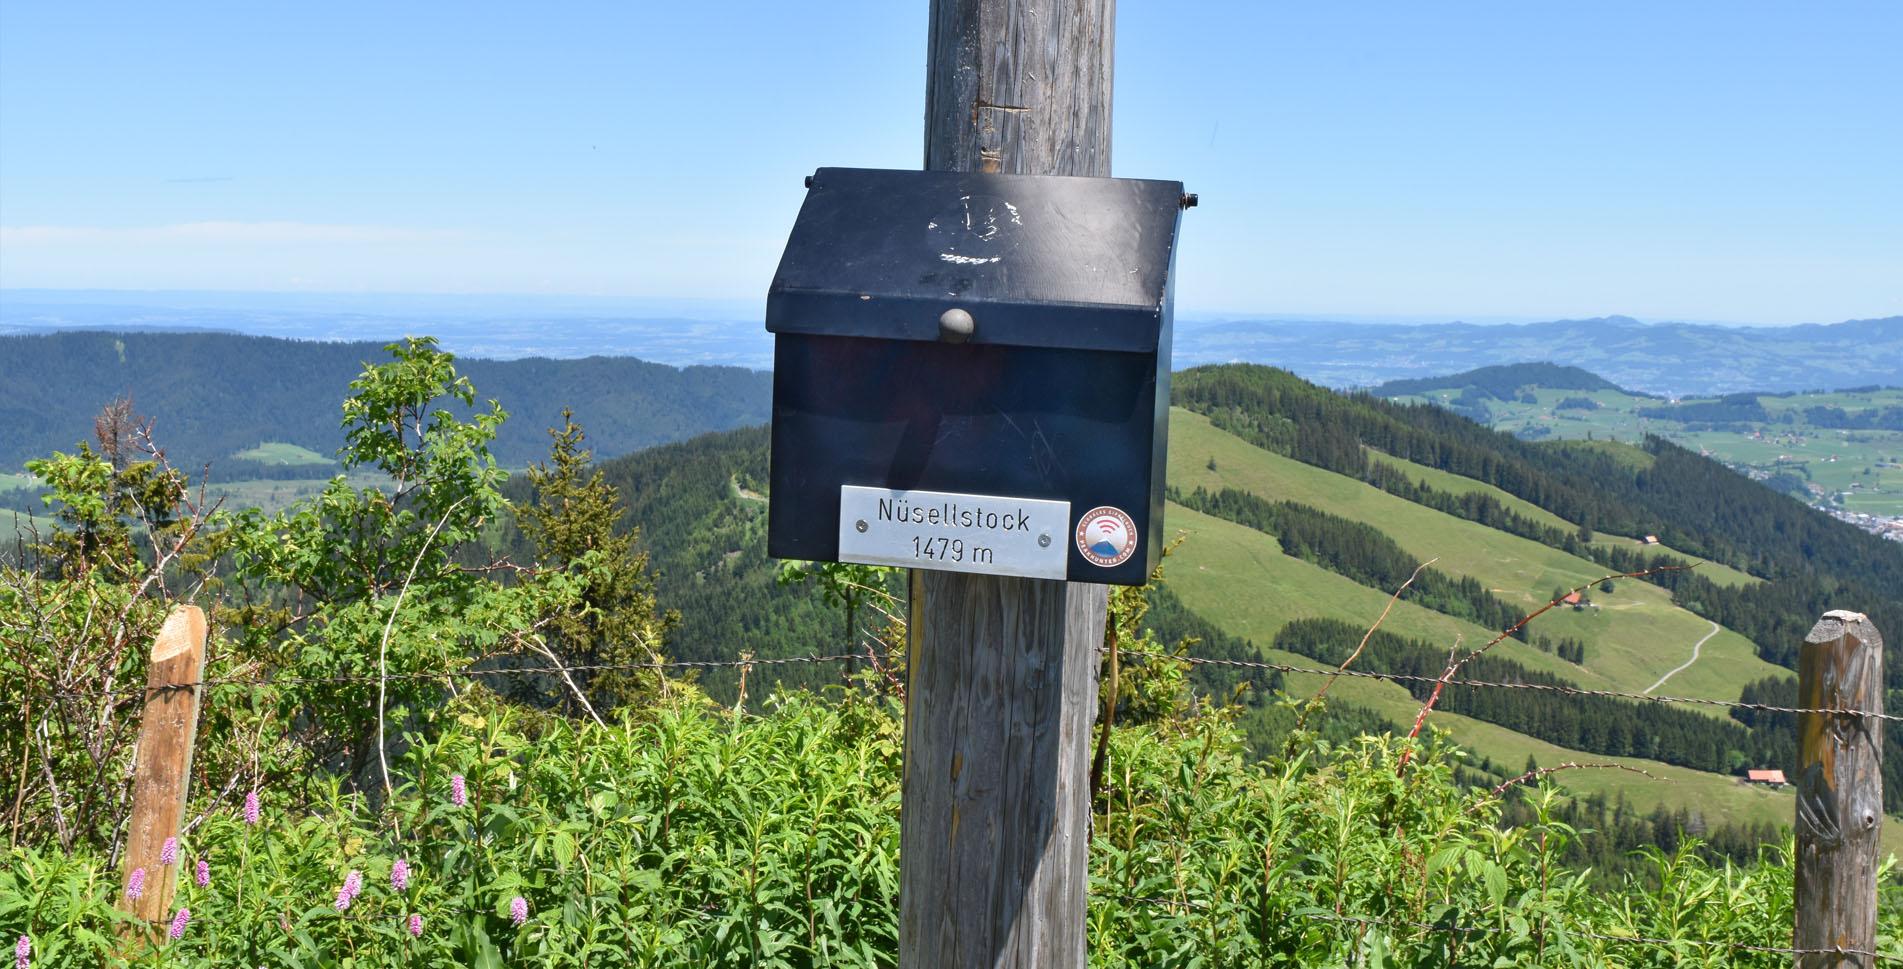 Wanderung im Alptal von Trachslau, nähe Einsiedeln, auf den Nüsellstock und zum Höch Tändli mit Abstieg wieder ins Alpthal